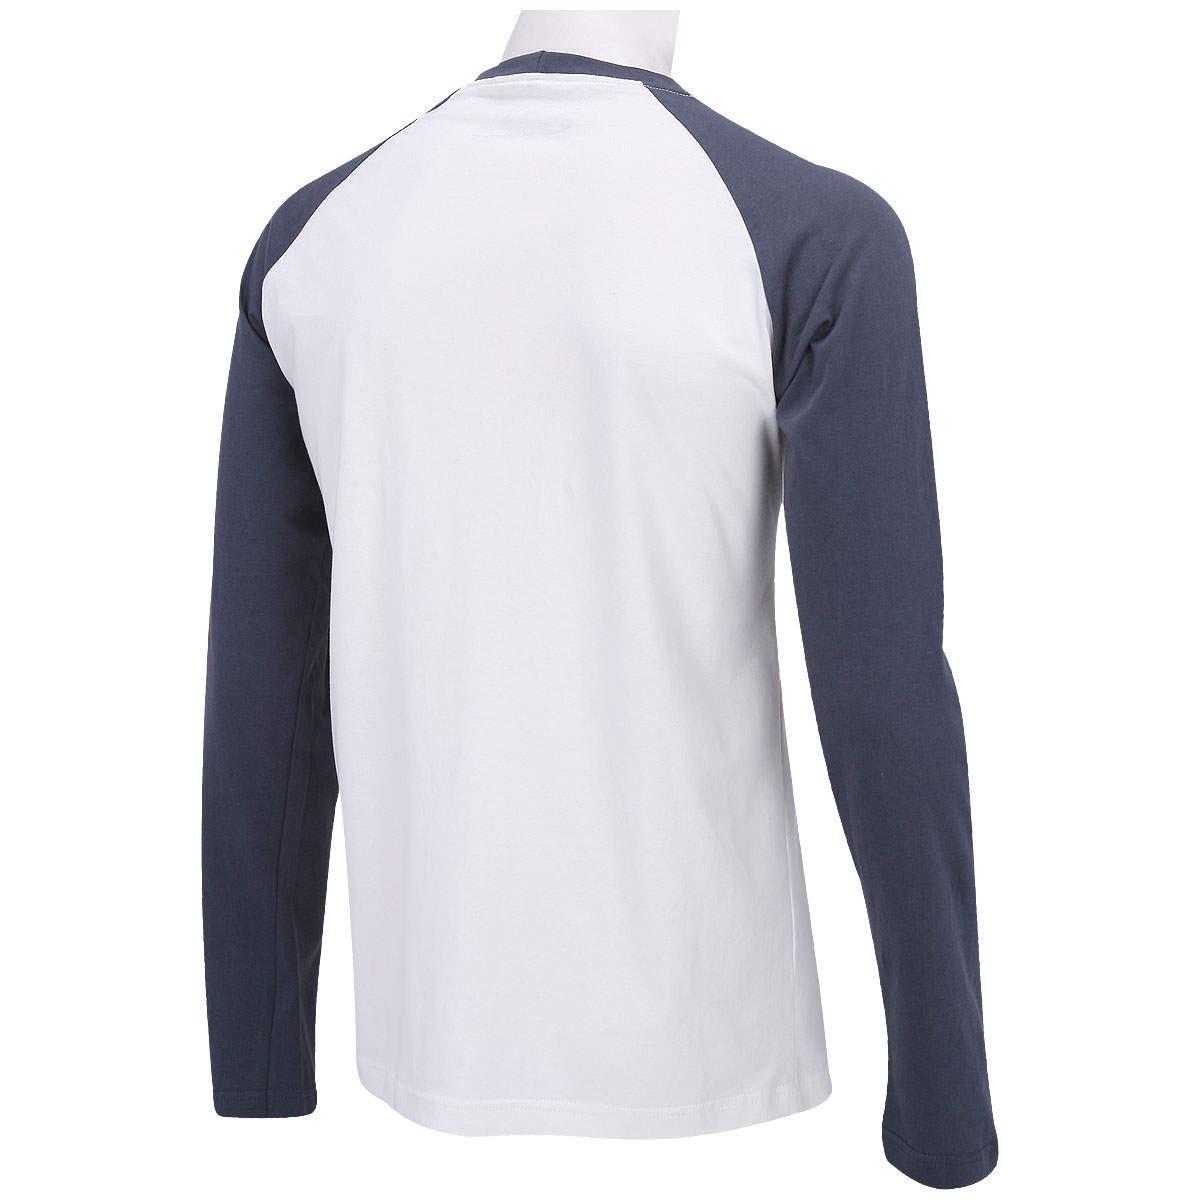 Camiseta Malha Branca Fio Algodao Clasf 4d550e5cd0a13